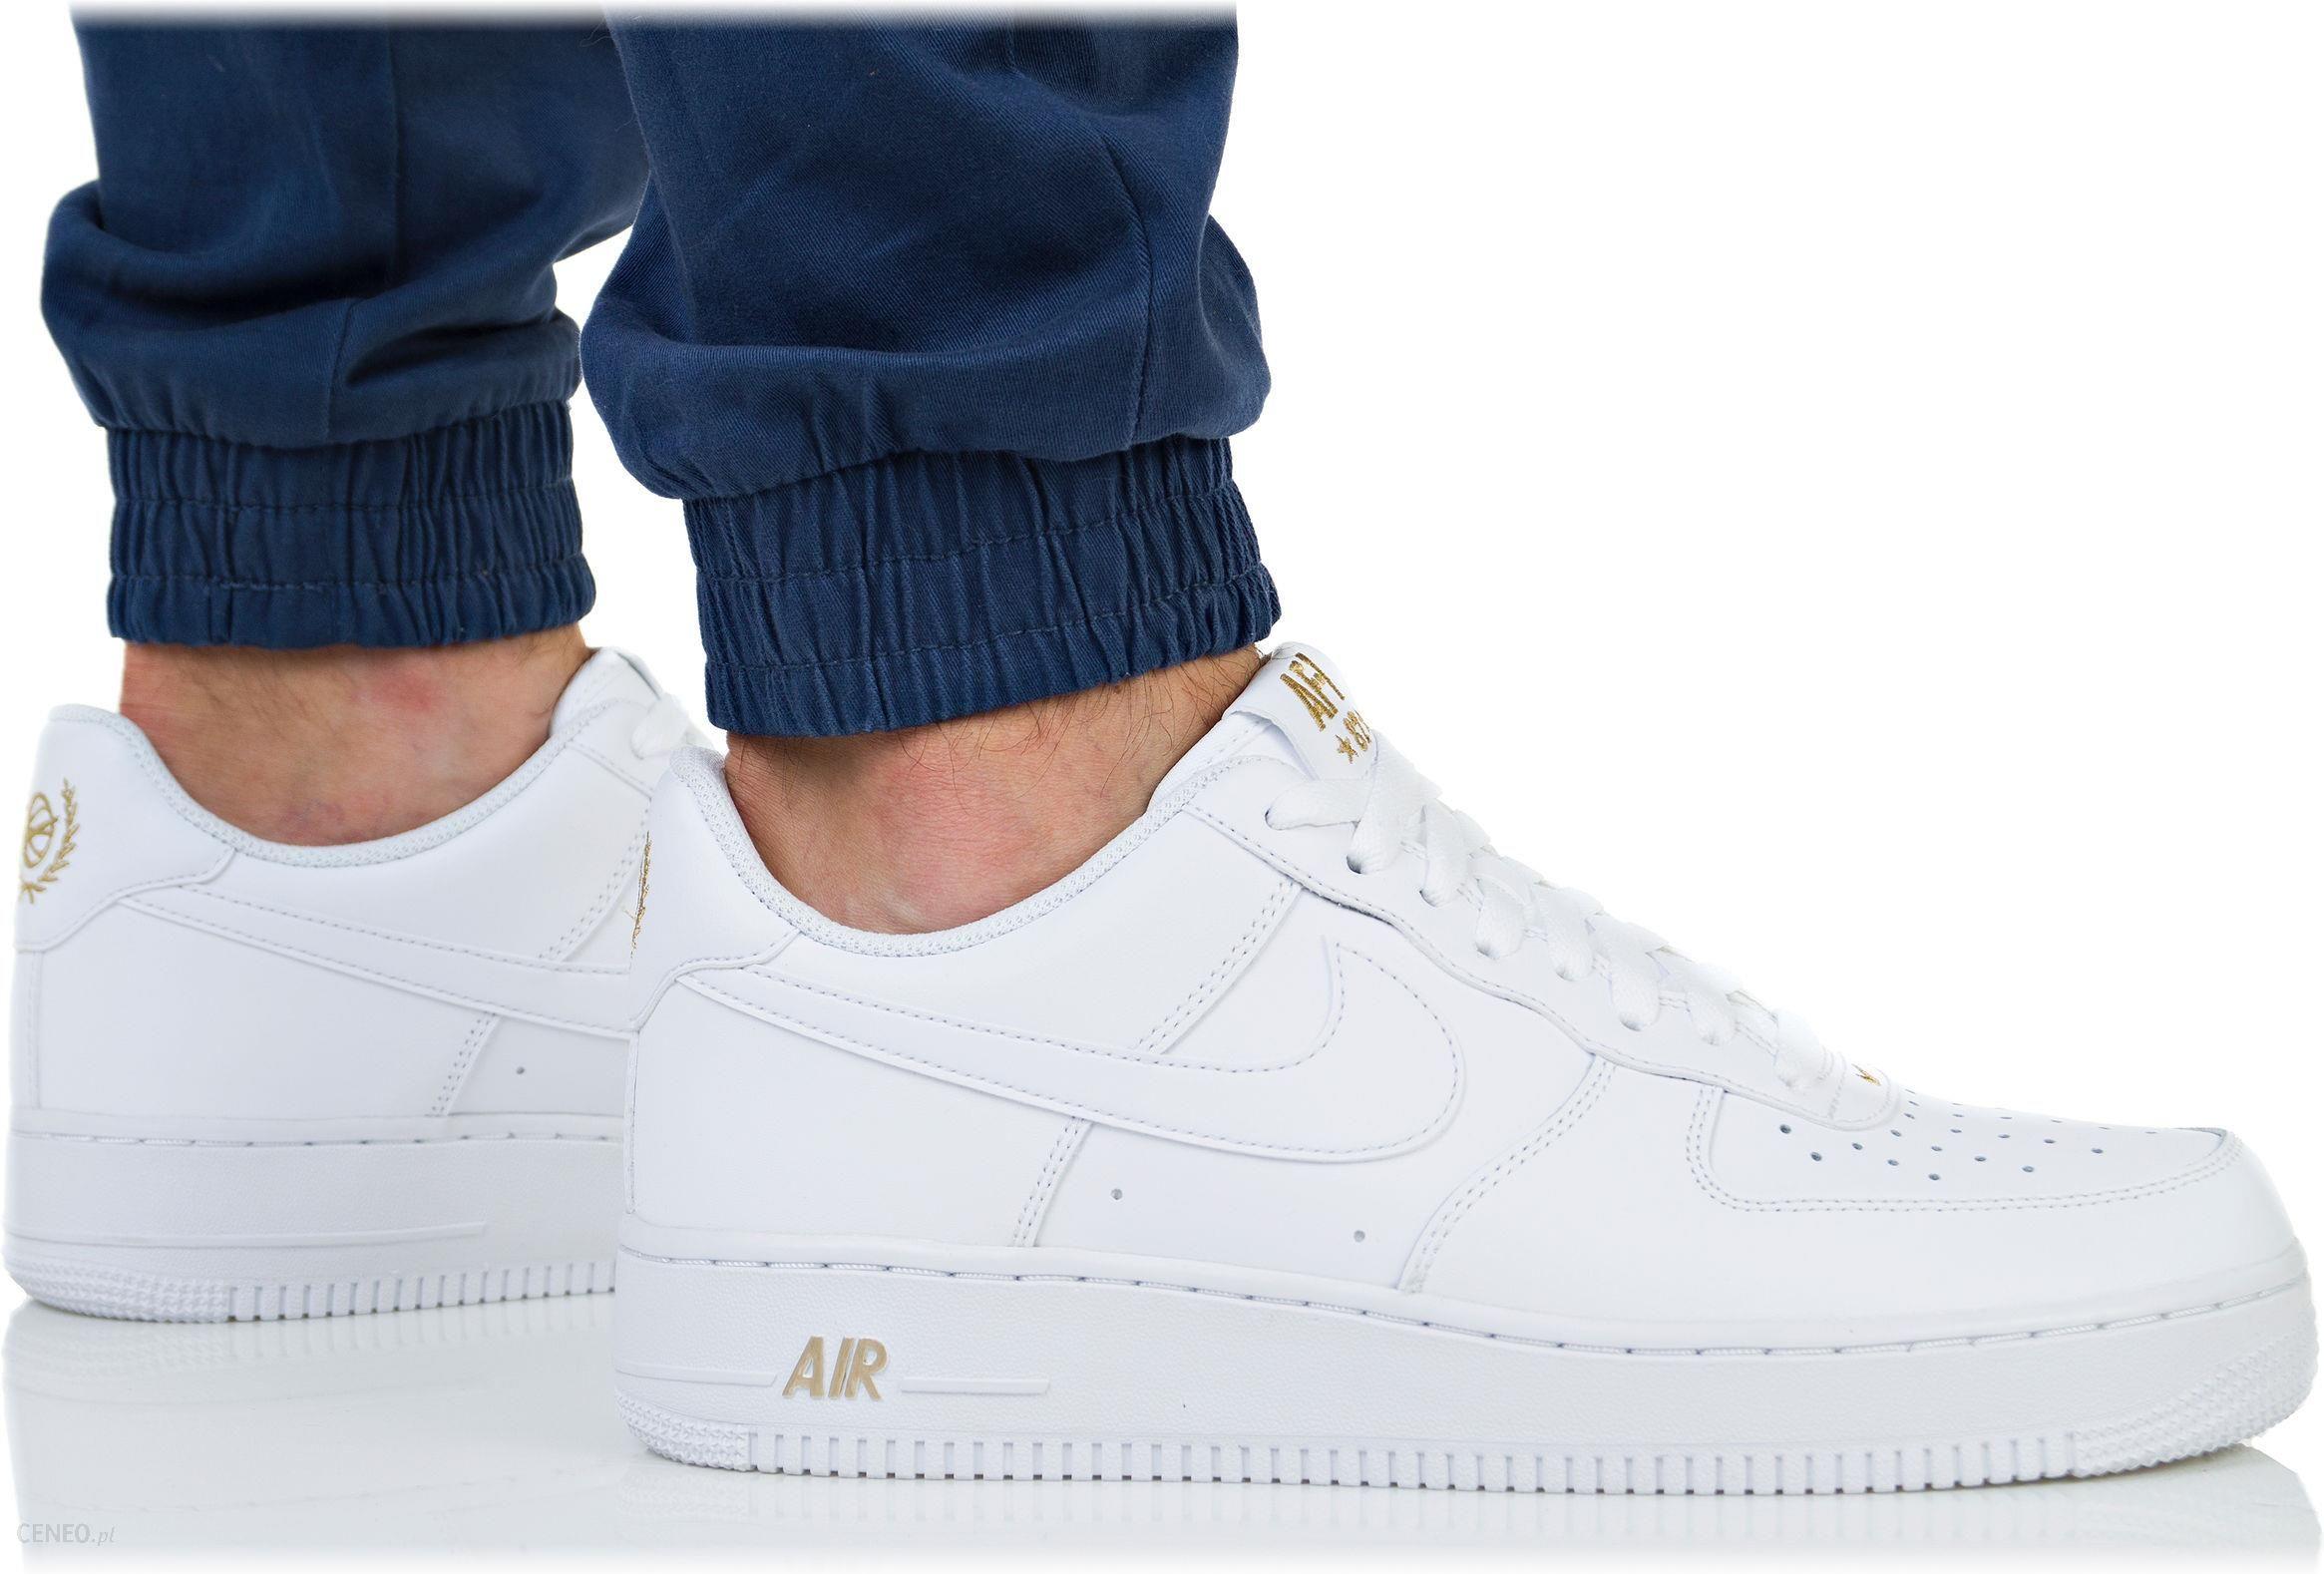 Modne buty dla mężczyzn. Air force białe męskie Nike air